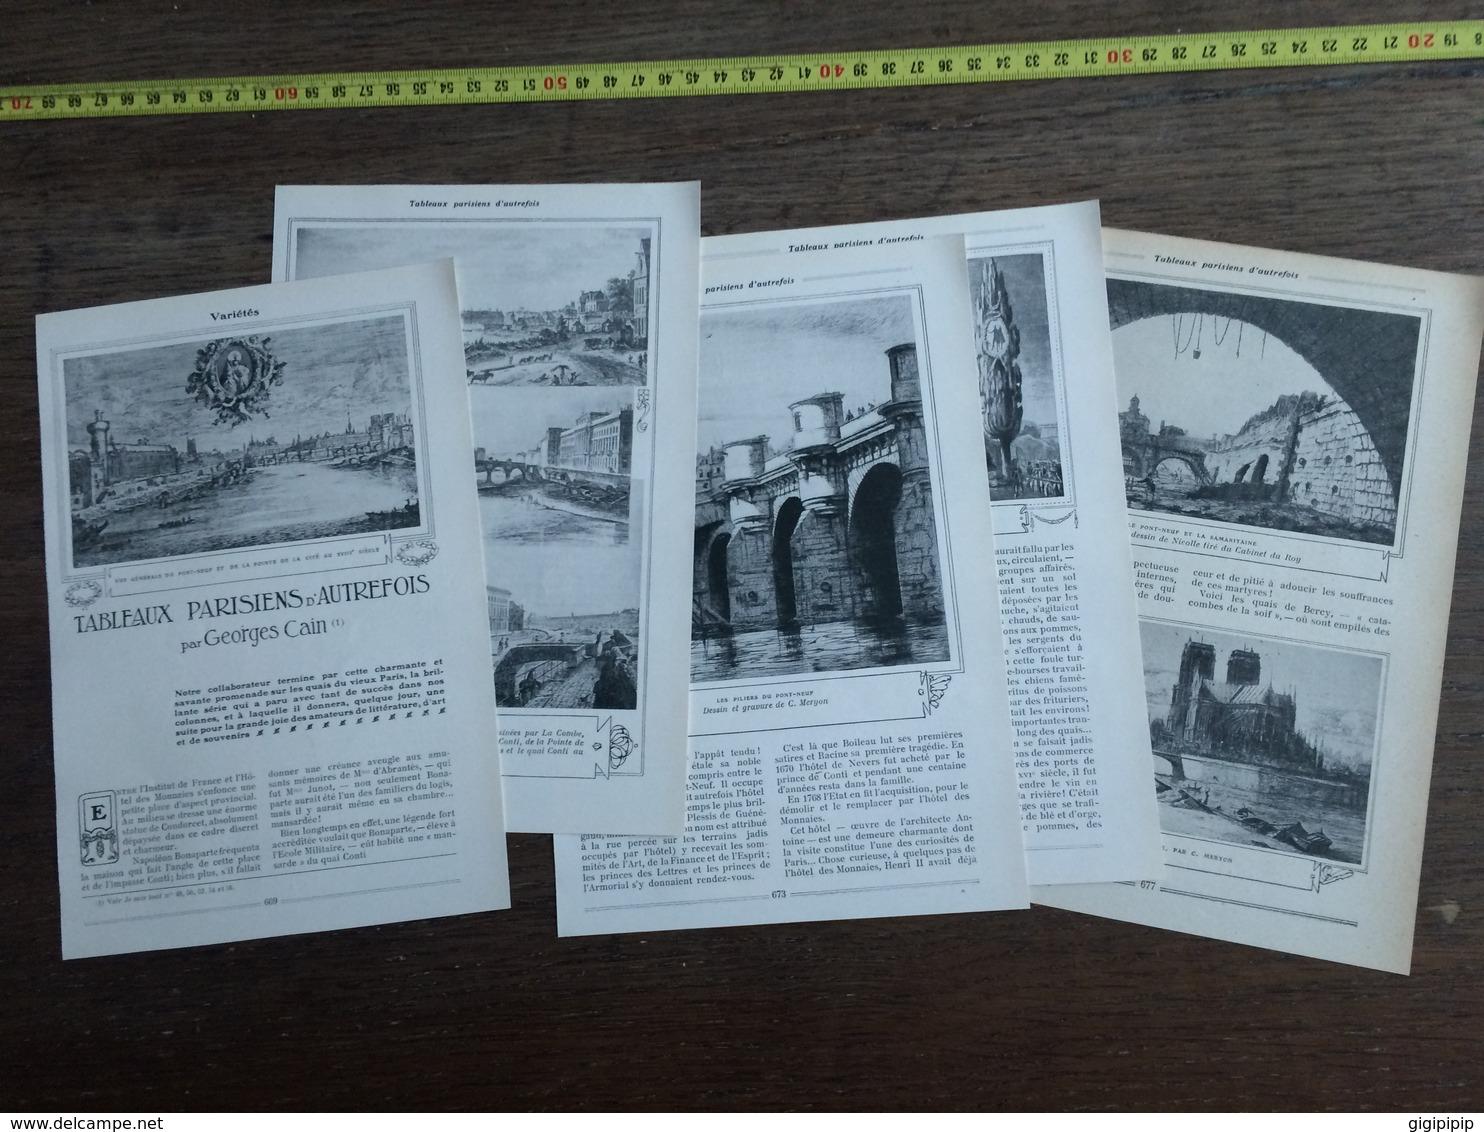 1909 JST TABLEAUX PARISIENS D AUTREFOIS QUAIS DU VIEUX PARIS - Colecciones